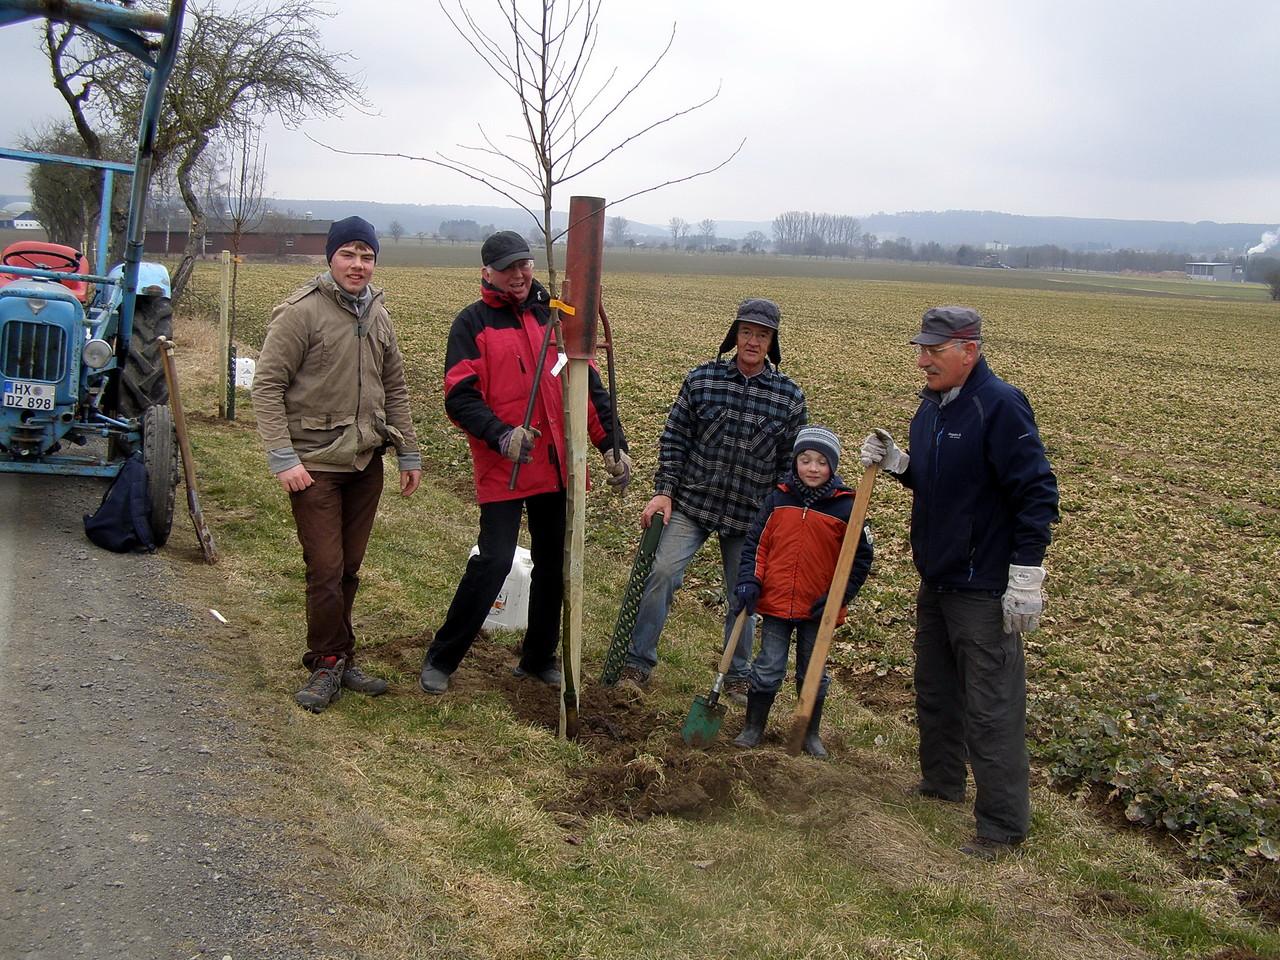 Gemeinsam wurden dann 10 Birnbäume gepflanzt.